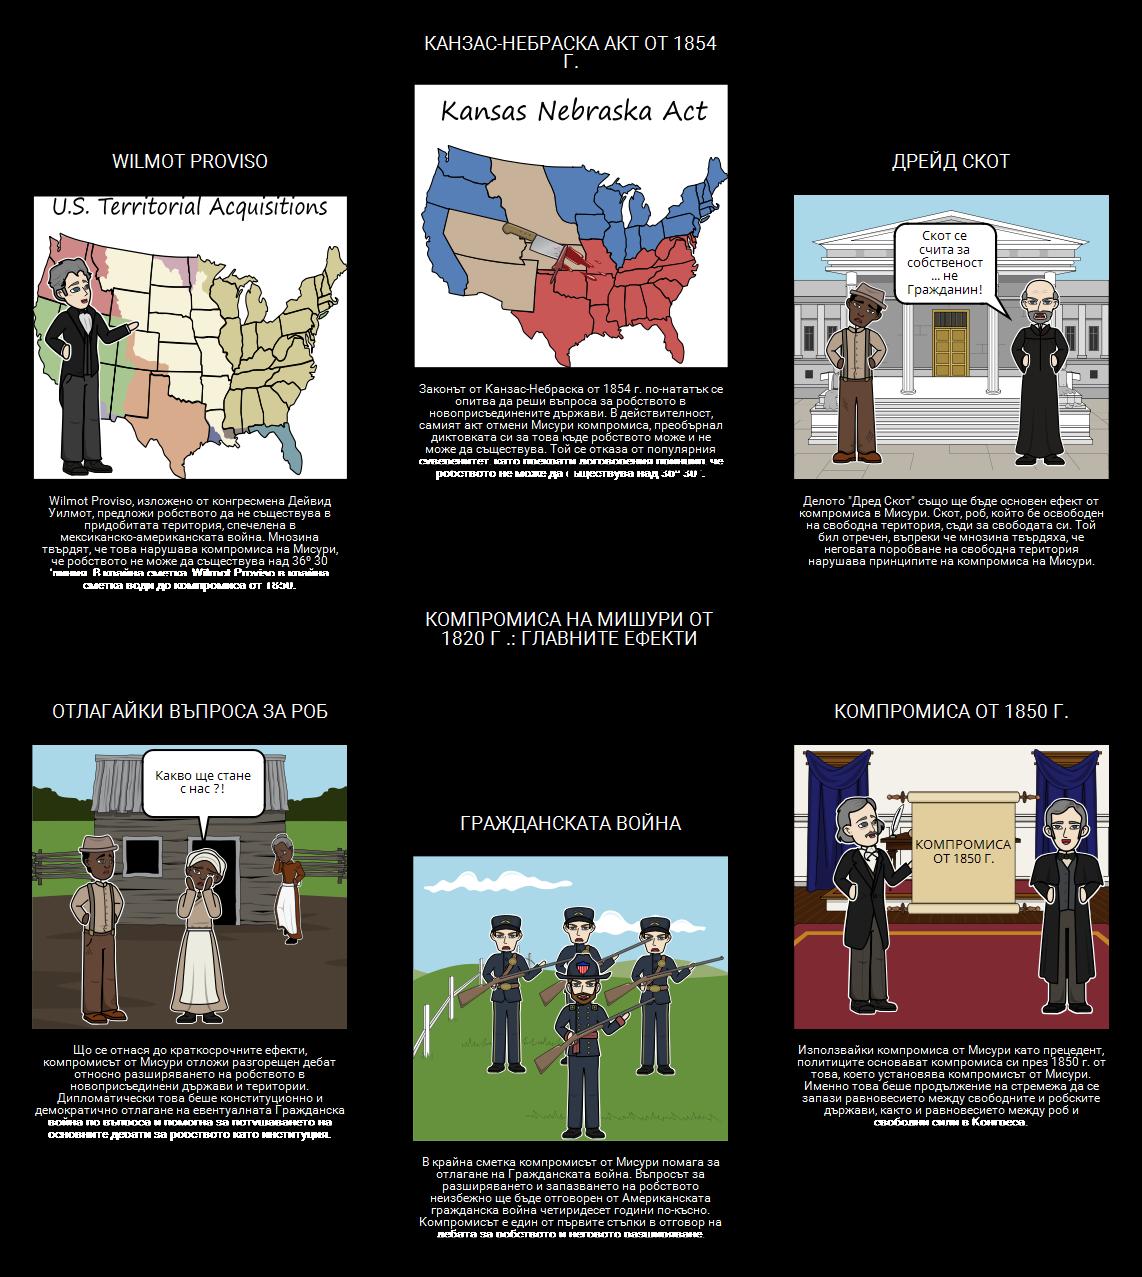 Компромисът от Мисури от 1820 г. - Основни ефекти